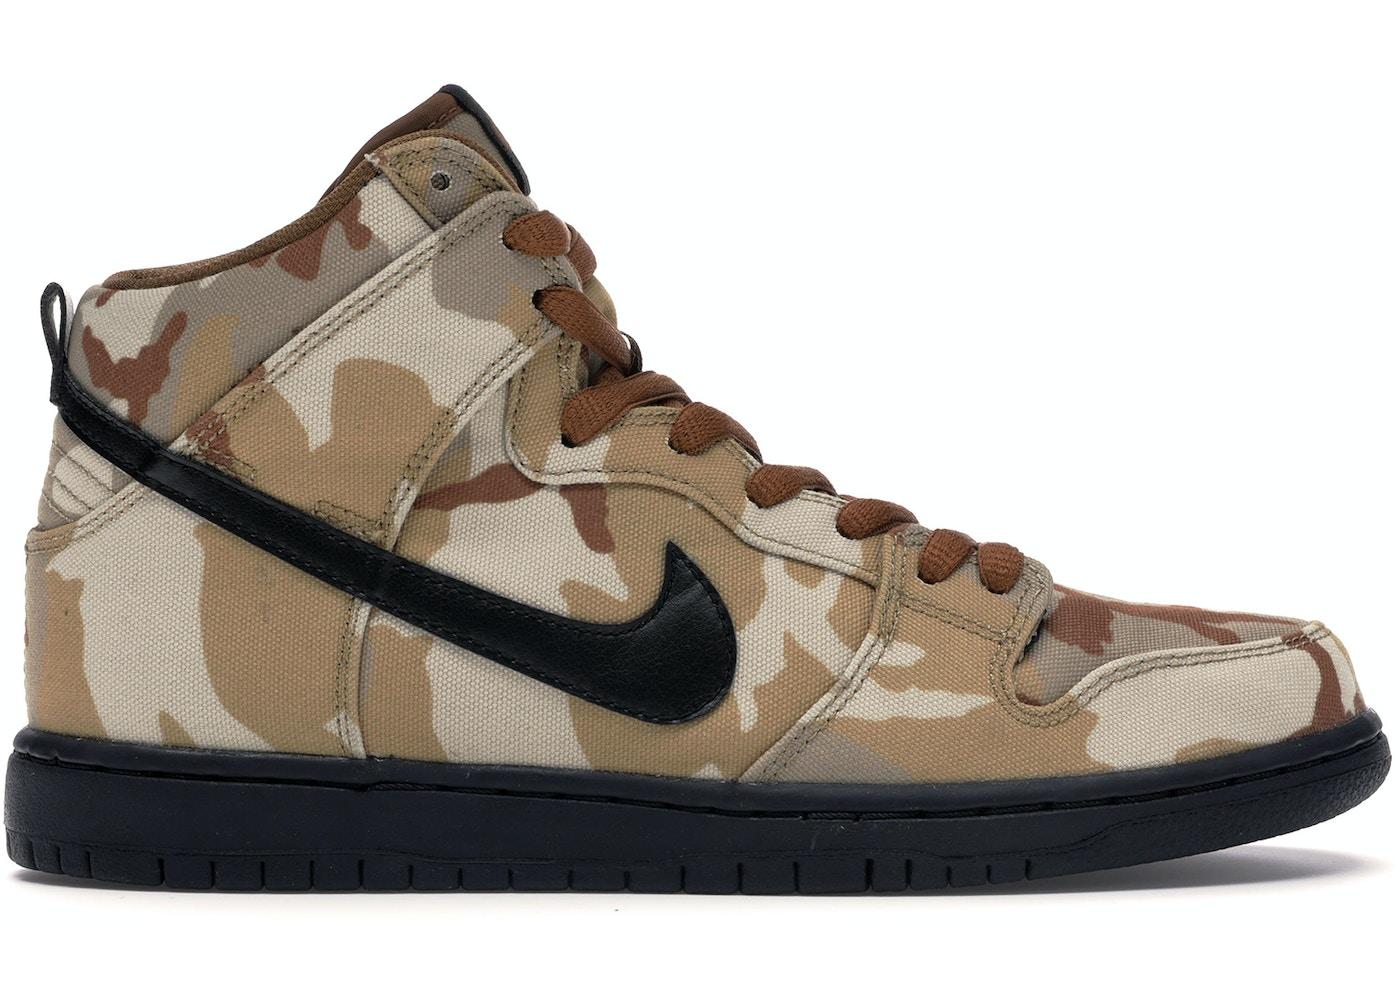 6abf50b03 Buy Nike SB Shoes & Deadstock Sneakers